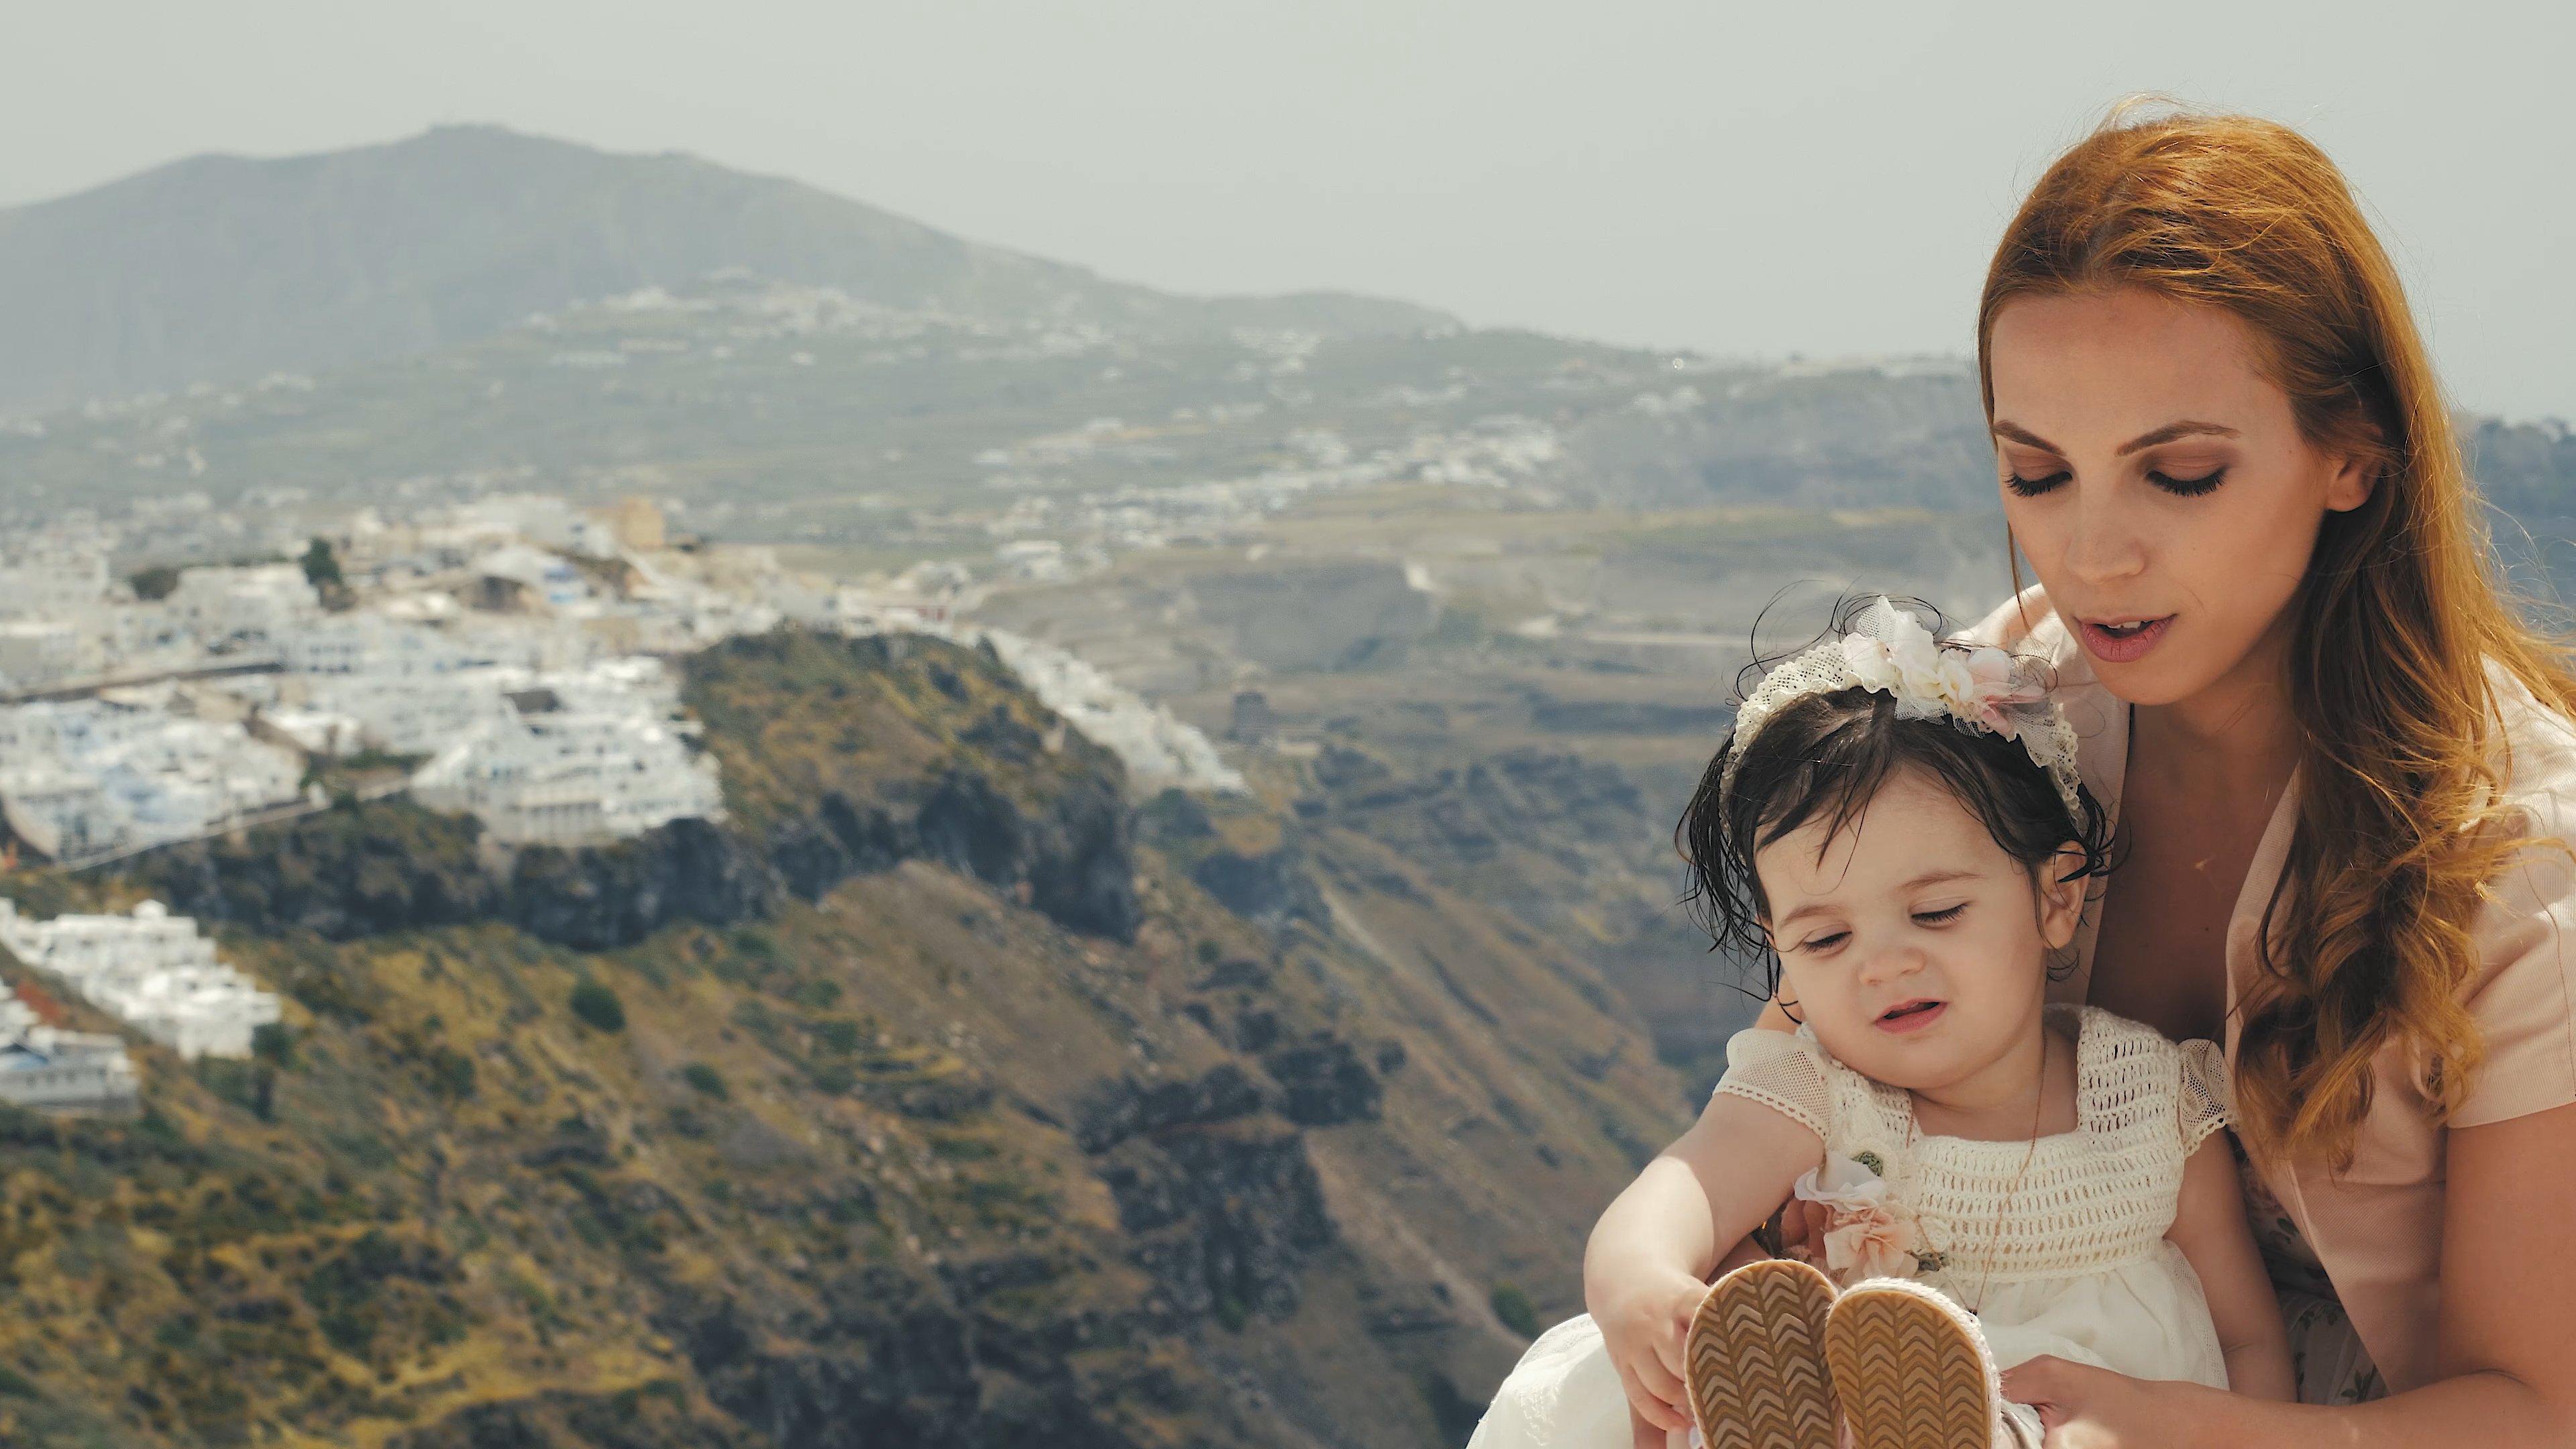 Βίντεο βάπτισης στη Σαντορίνη